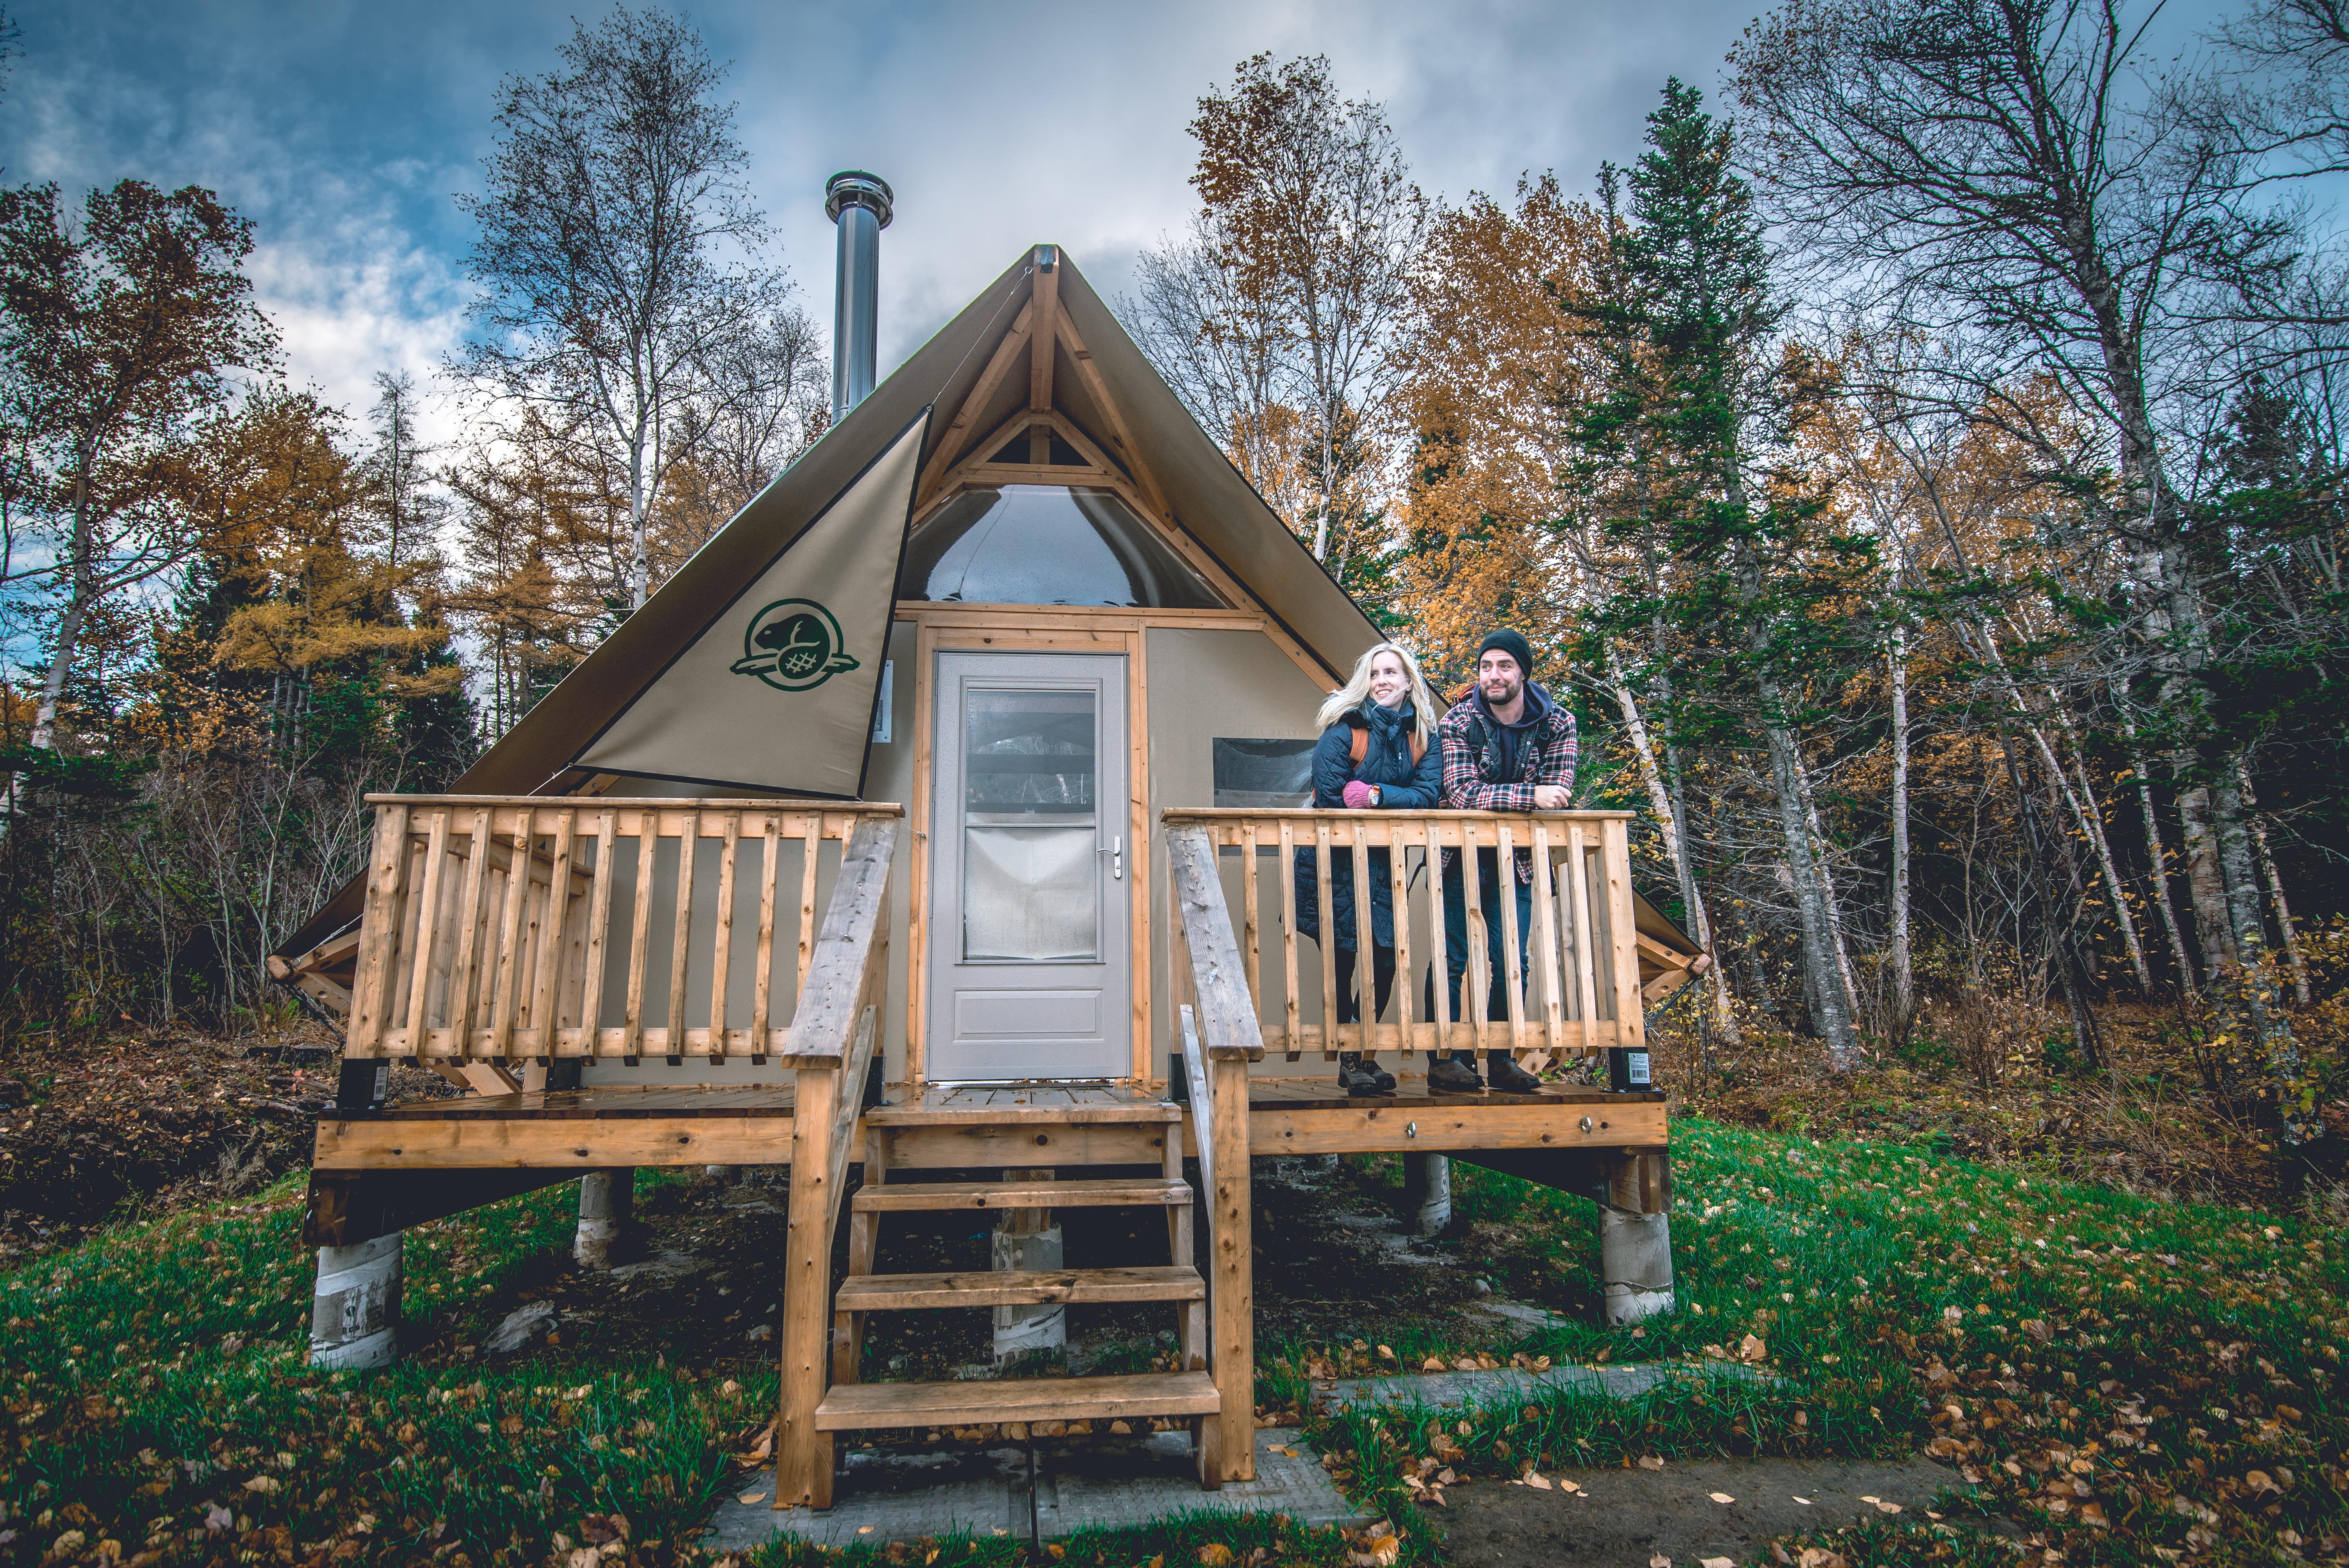 oTENTik Site at Terra Nova National Park